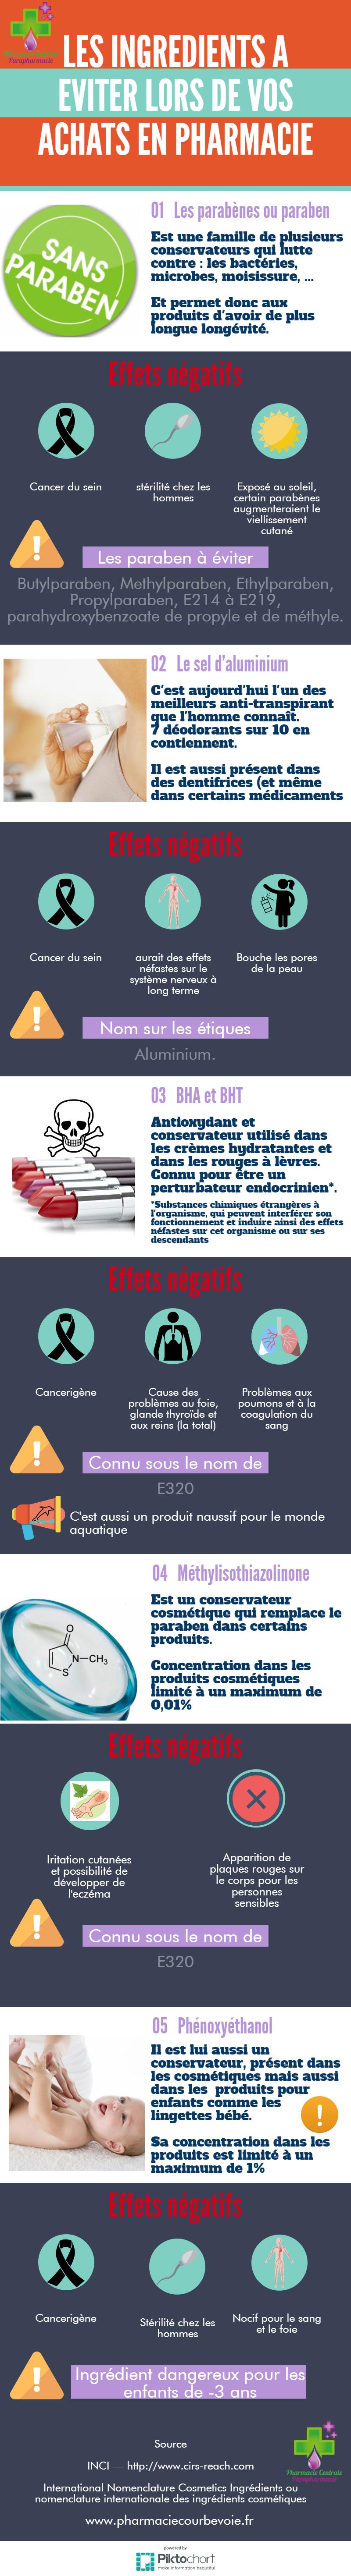 ingredients-dangereux-sante-toxique